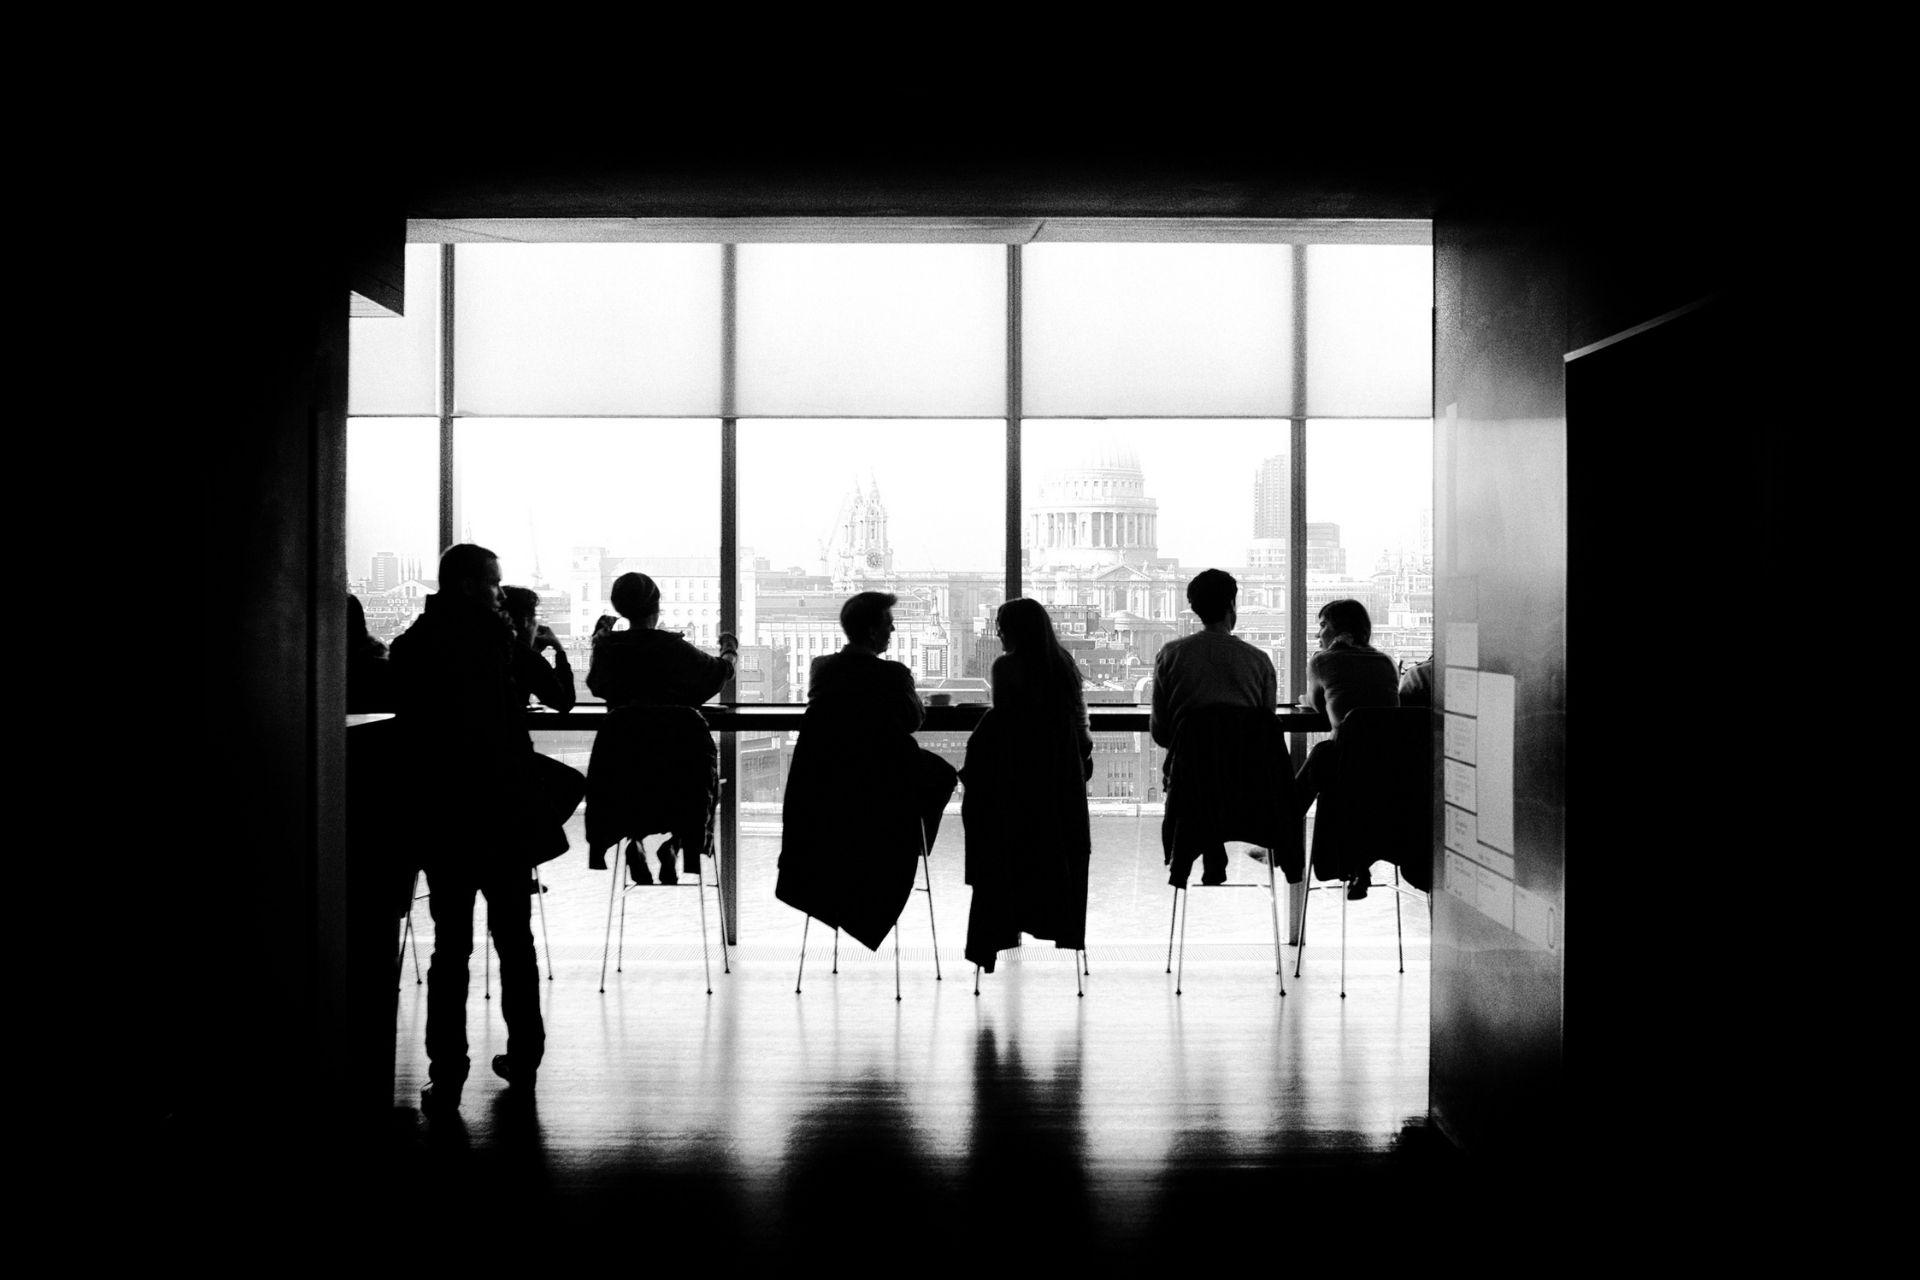 трудни ситуации на работното място - съобщаване на лоши новини